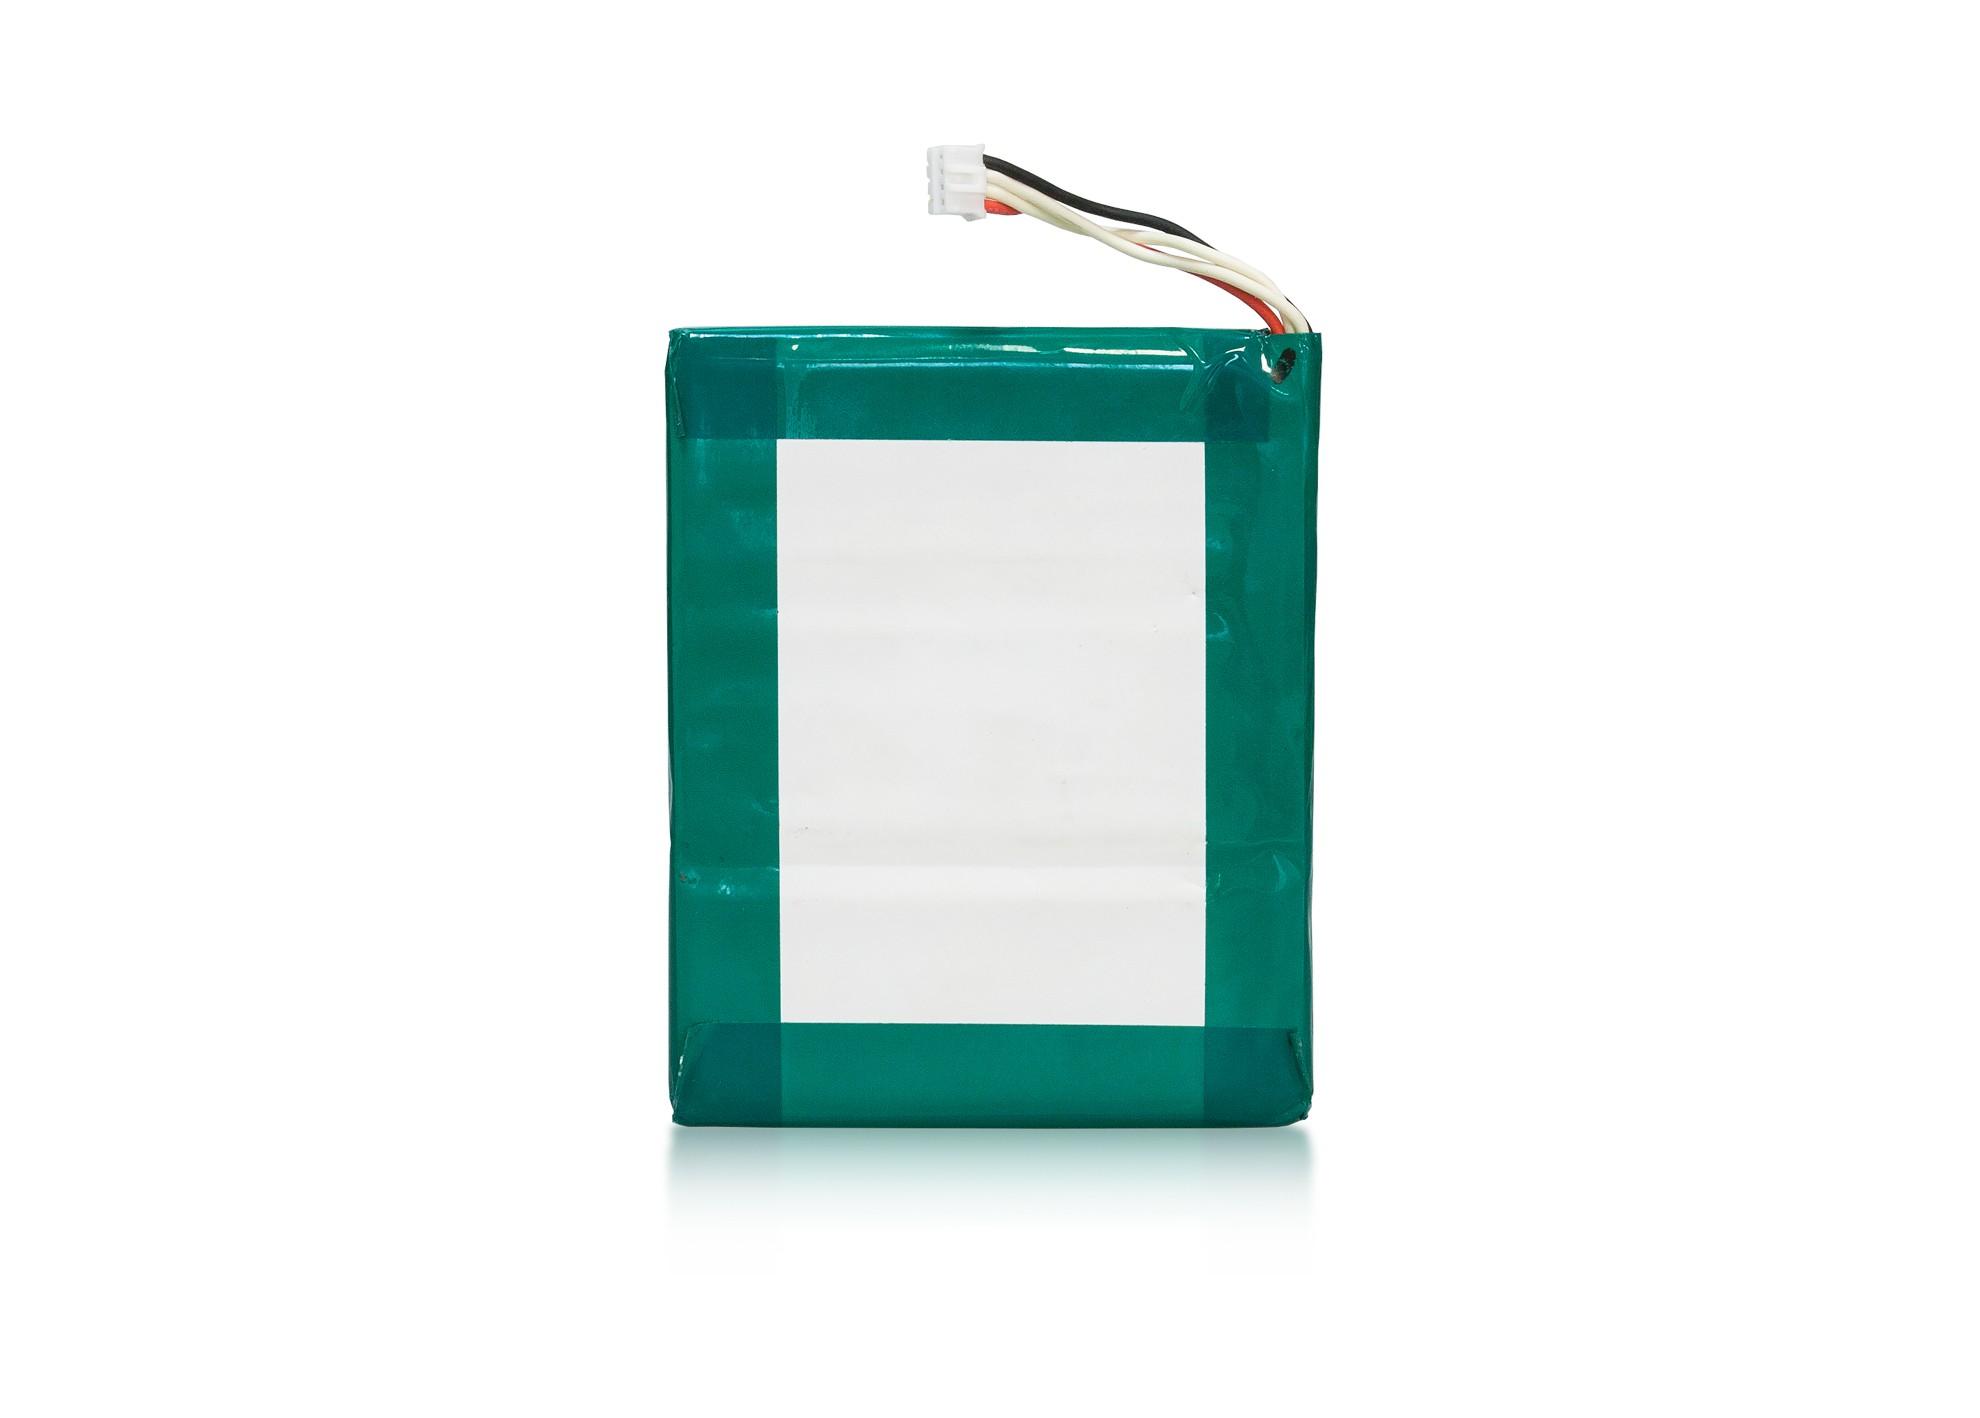 Batéria pre merací prístroj Openbox SF-51/55